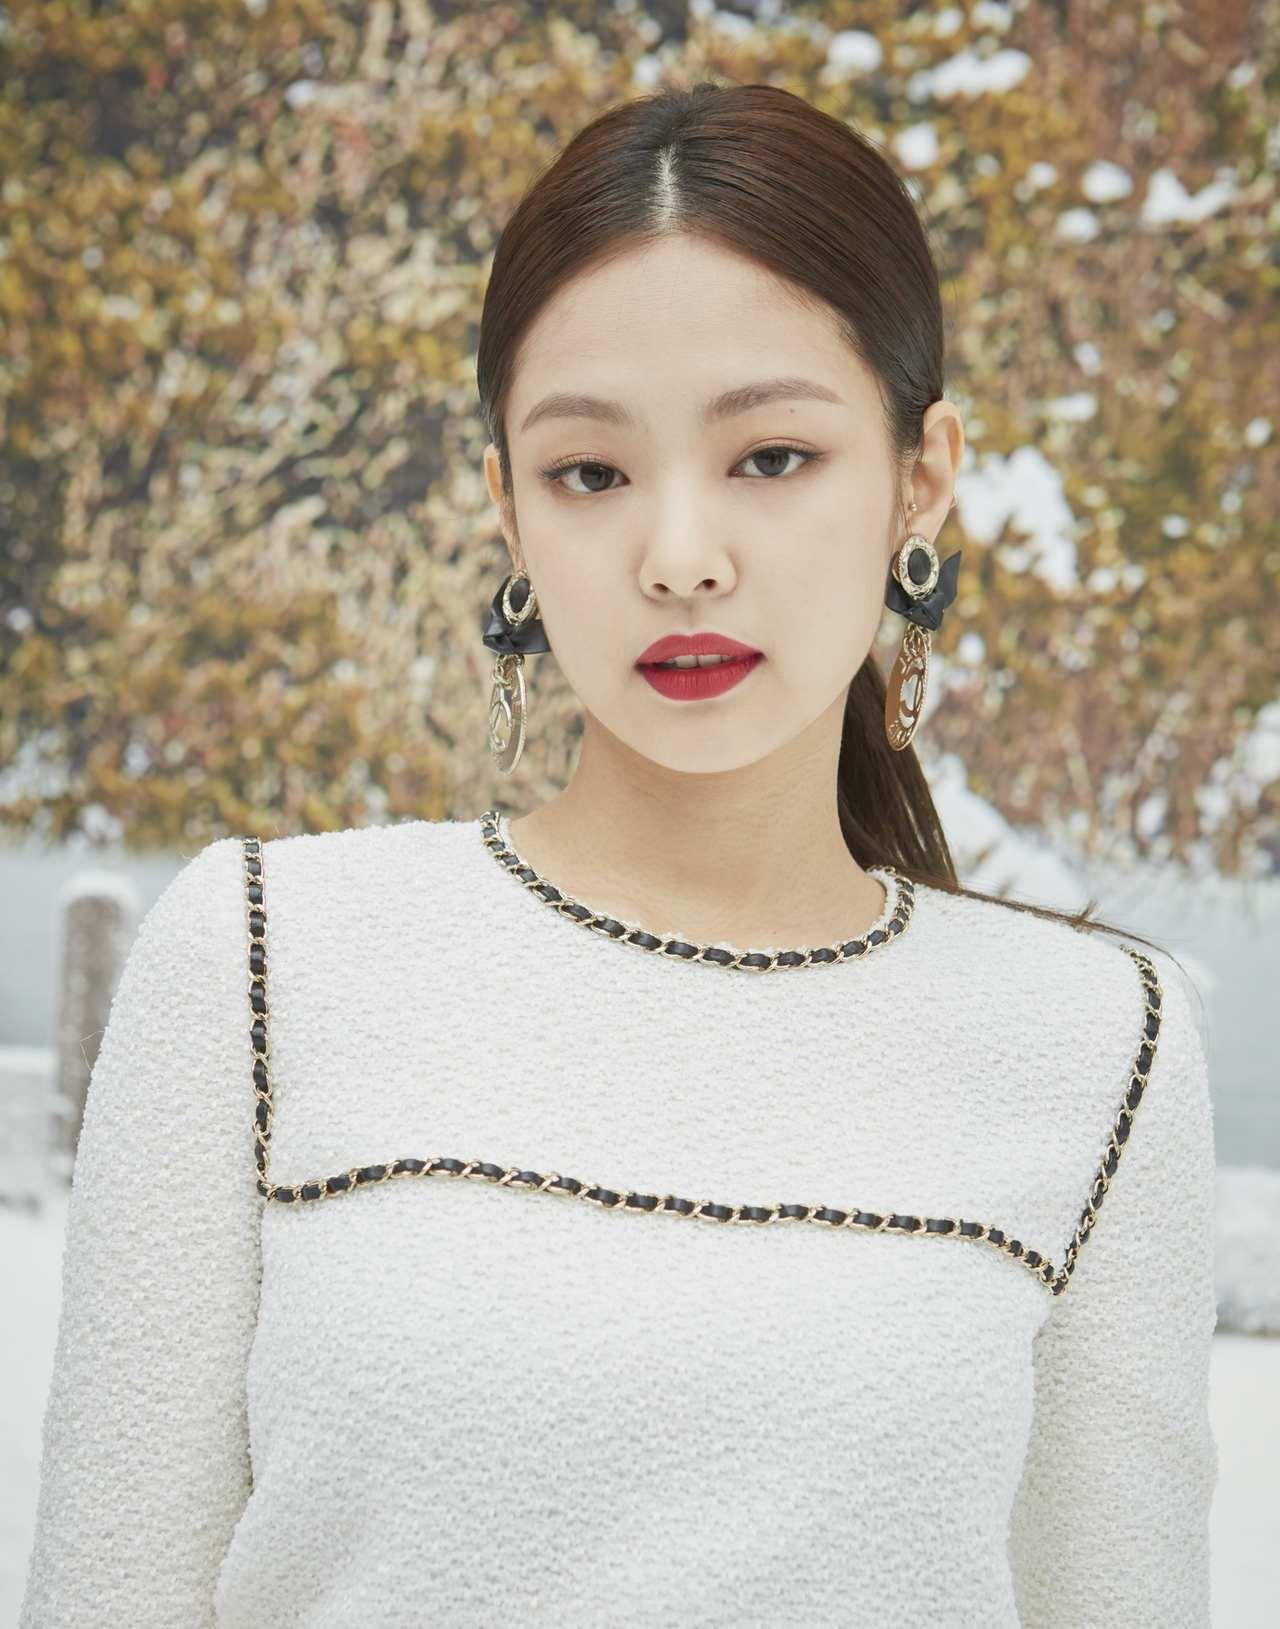 素有「人間香奈兒」美名的韓國女星Jennie Kim,則是穿著白色斜紋軟呢皮穿鍊...